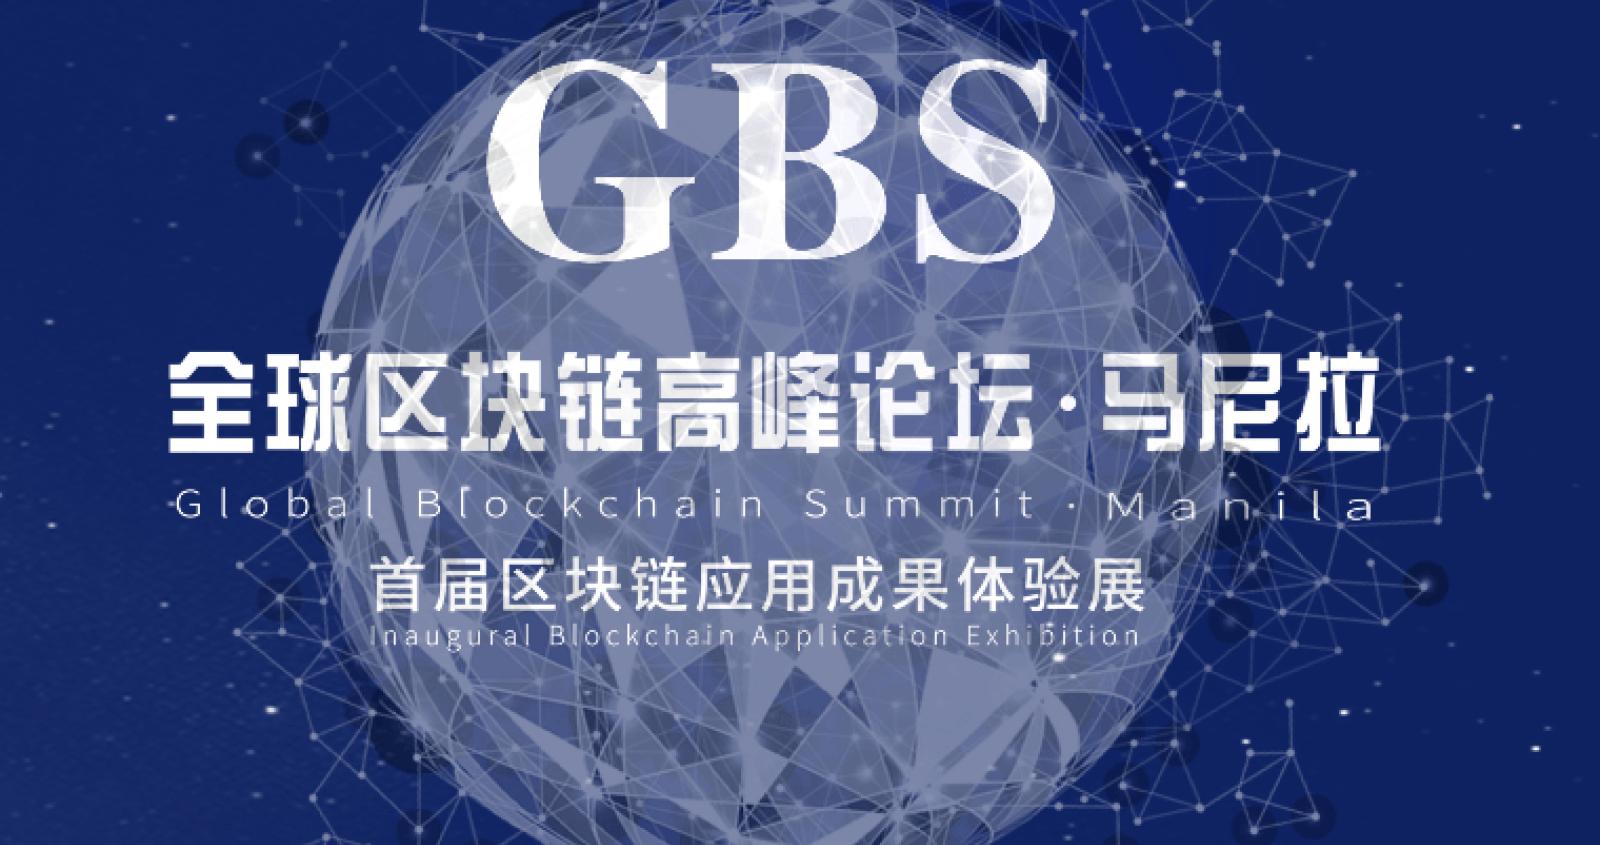 全球区块链高峰论坛·马尼拉